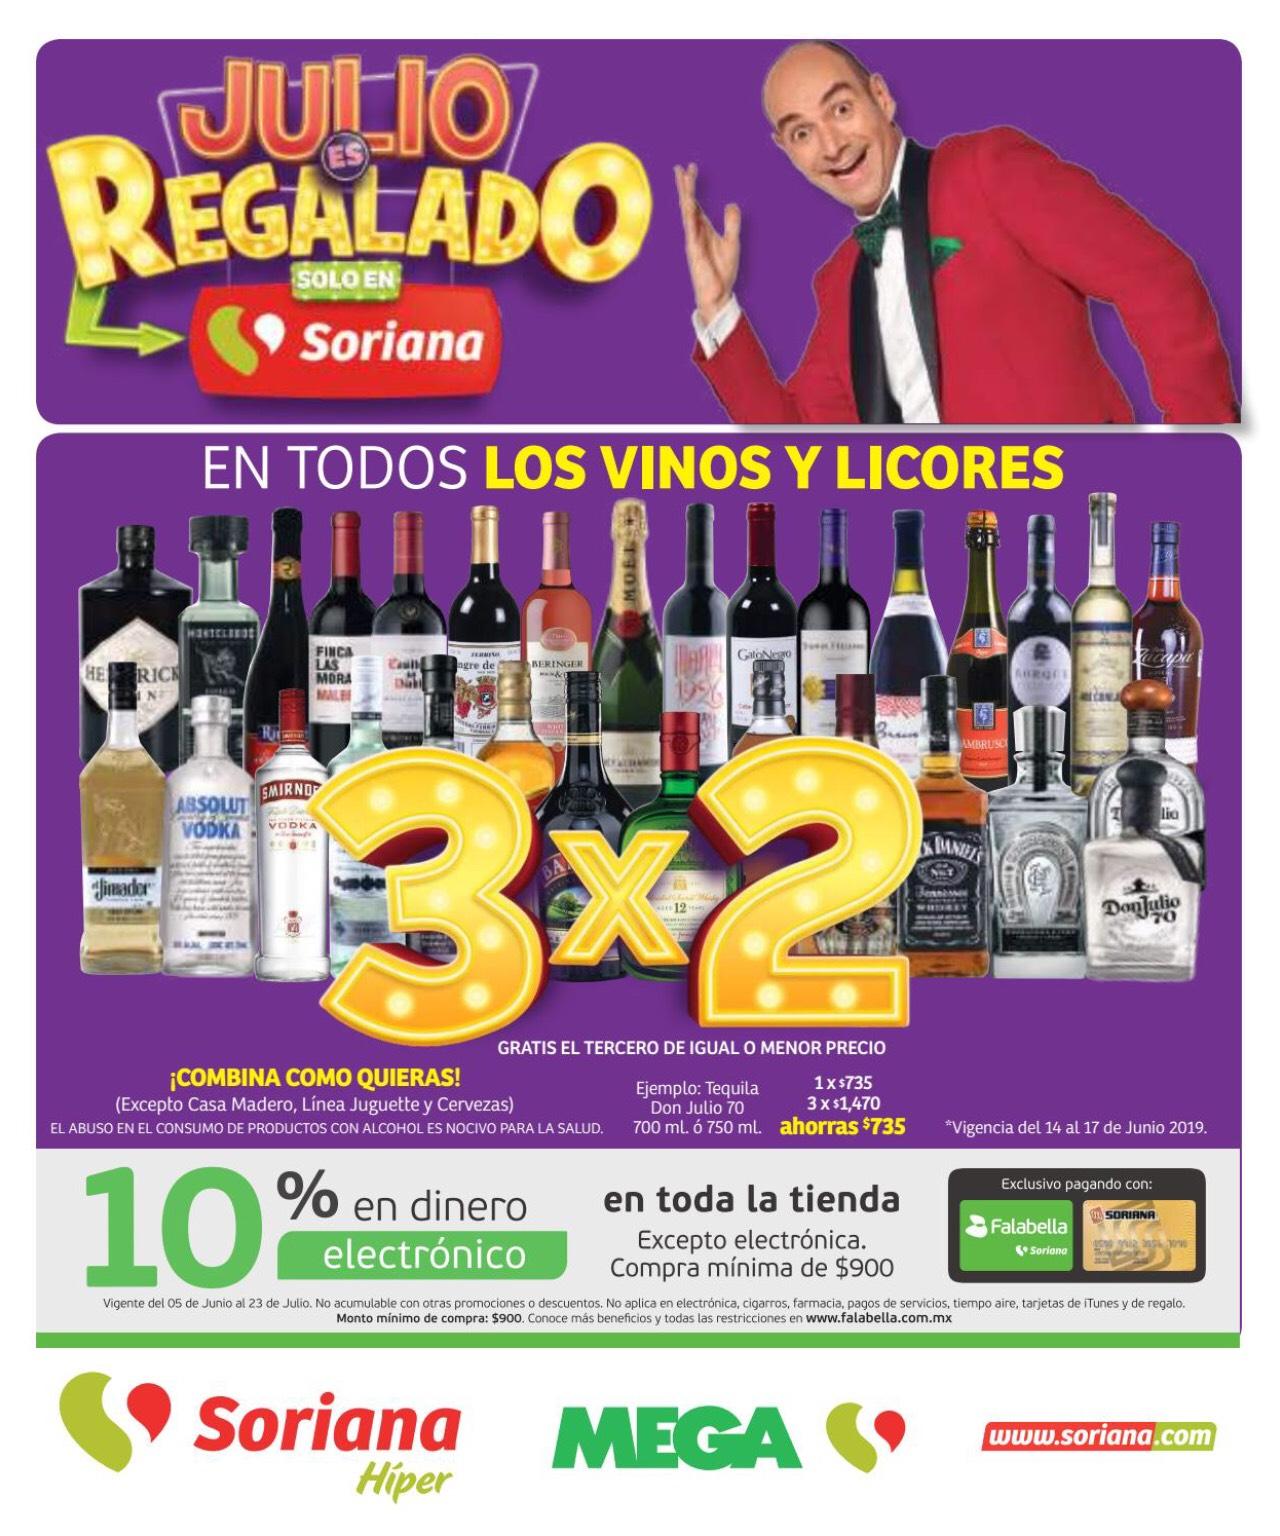 Julio Regalado 2019 en Soriana: 2do Folleto de Soriana Híper y Mega del 14 al 20 de Junio 2019 (Toda la república)